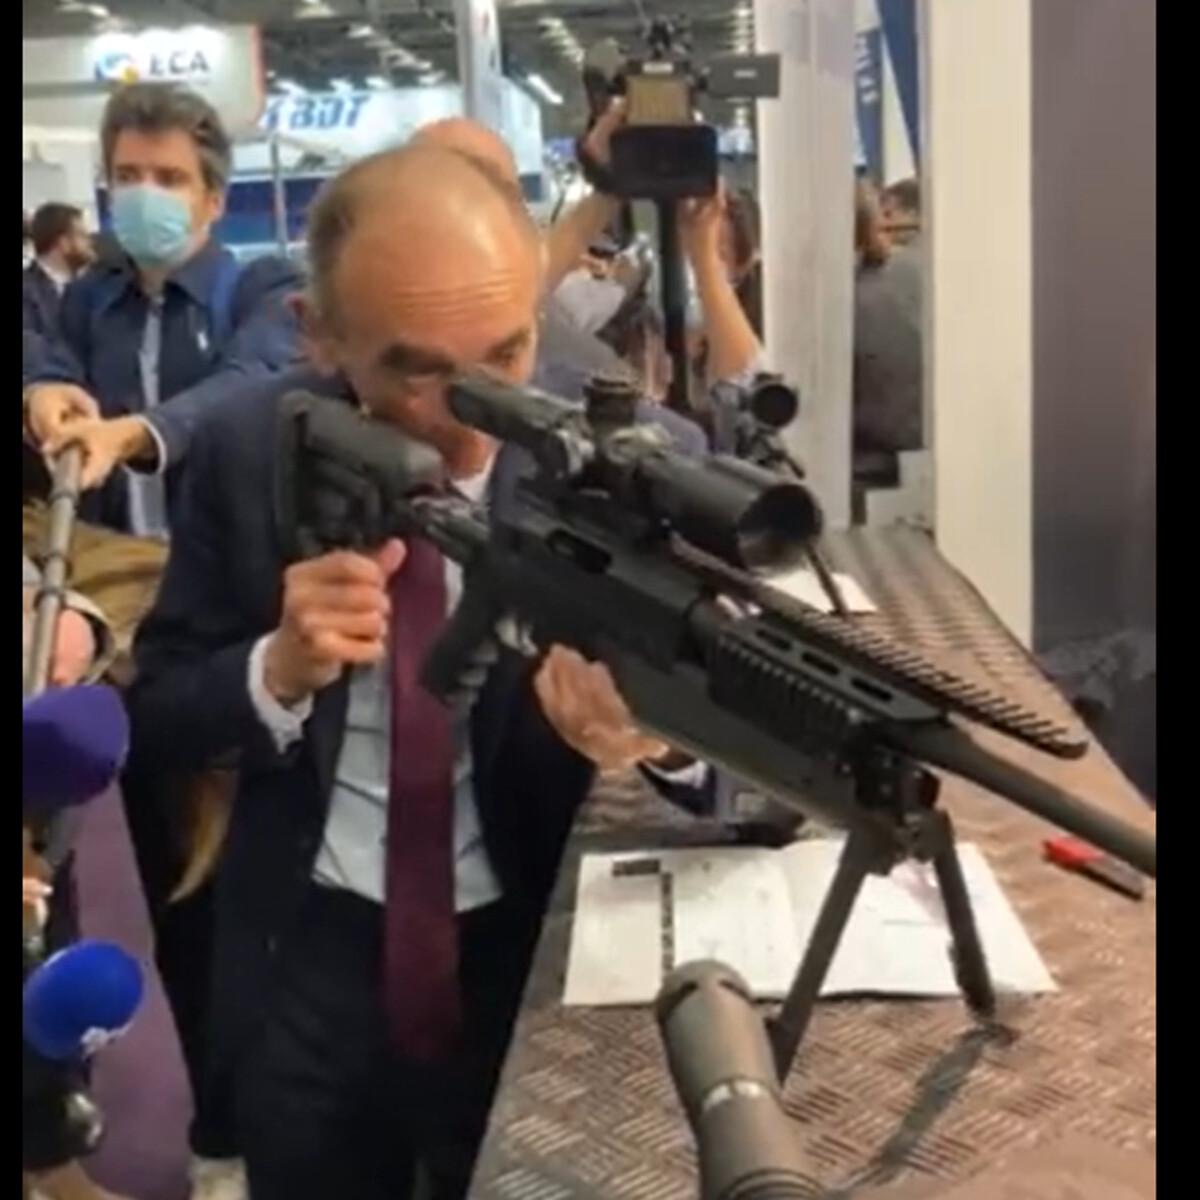 Leader di destra punta un fucile contro i giornalisti: polemica in Francia